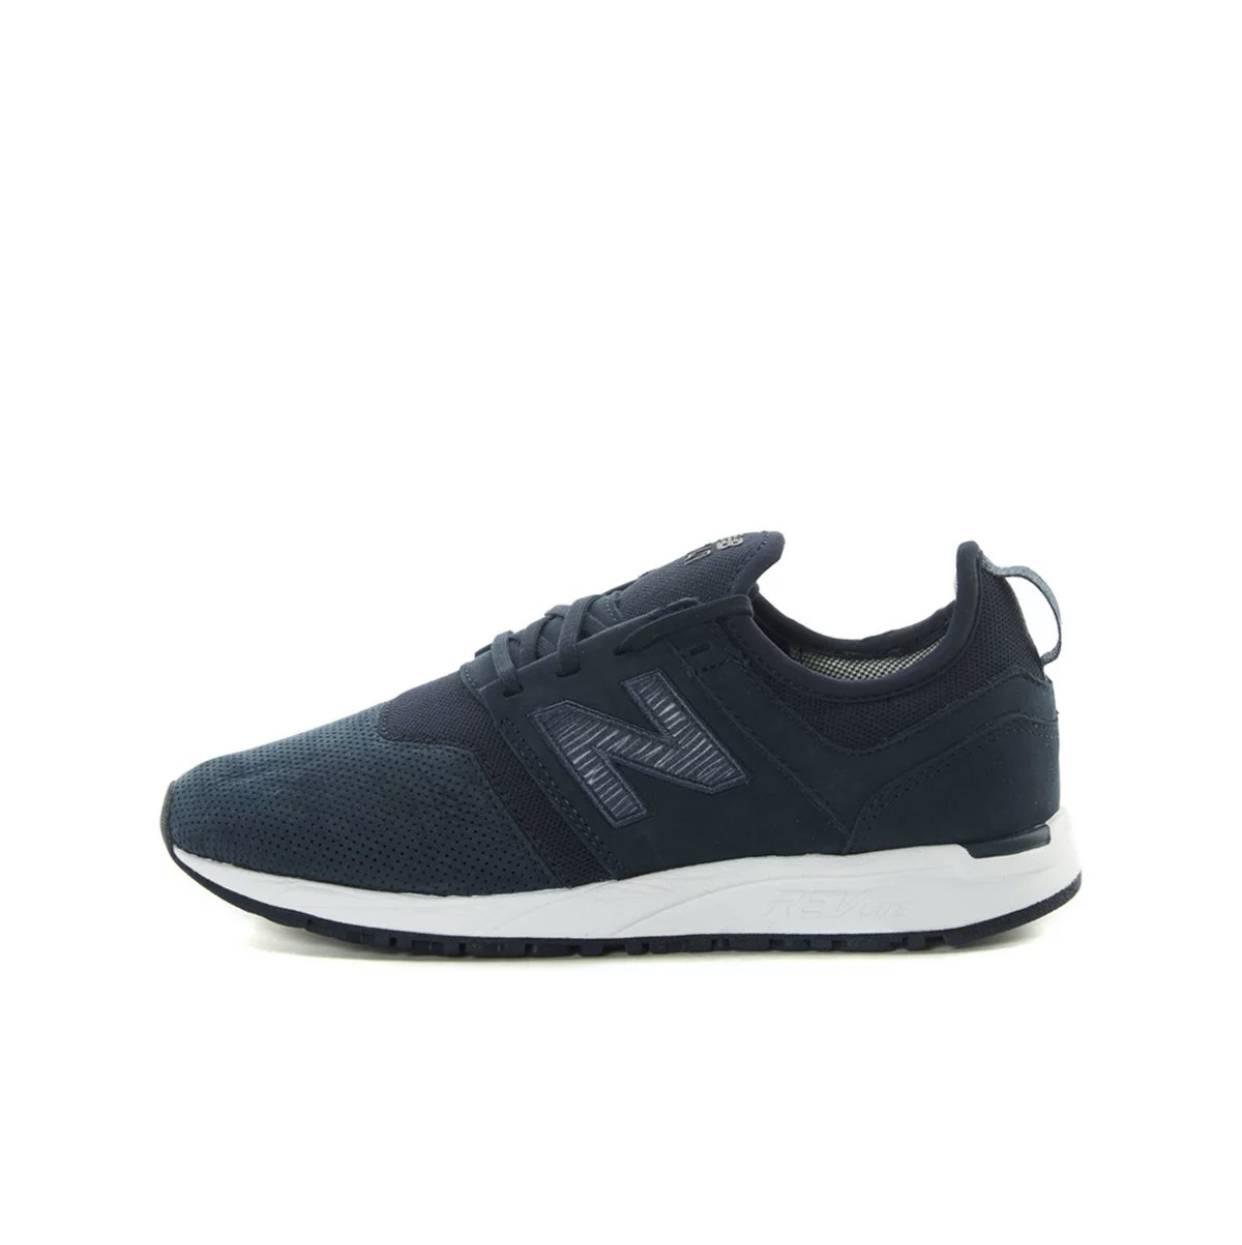 限尺码:new balance 247系列 女子 运动休闲鞋 WRL247WP 129元包邮